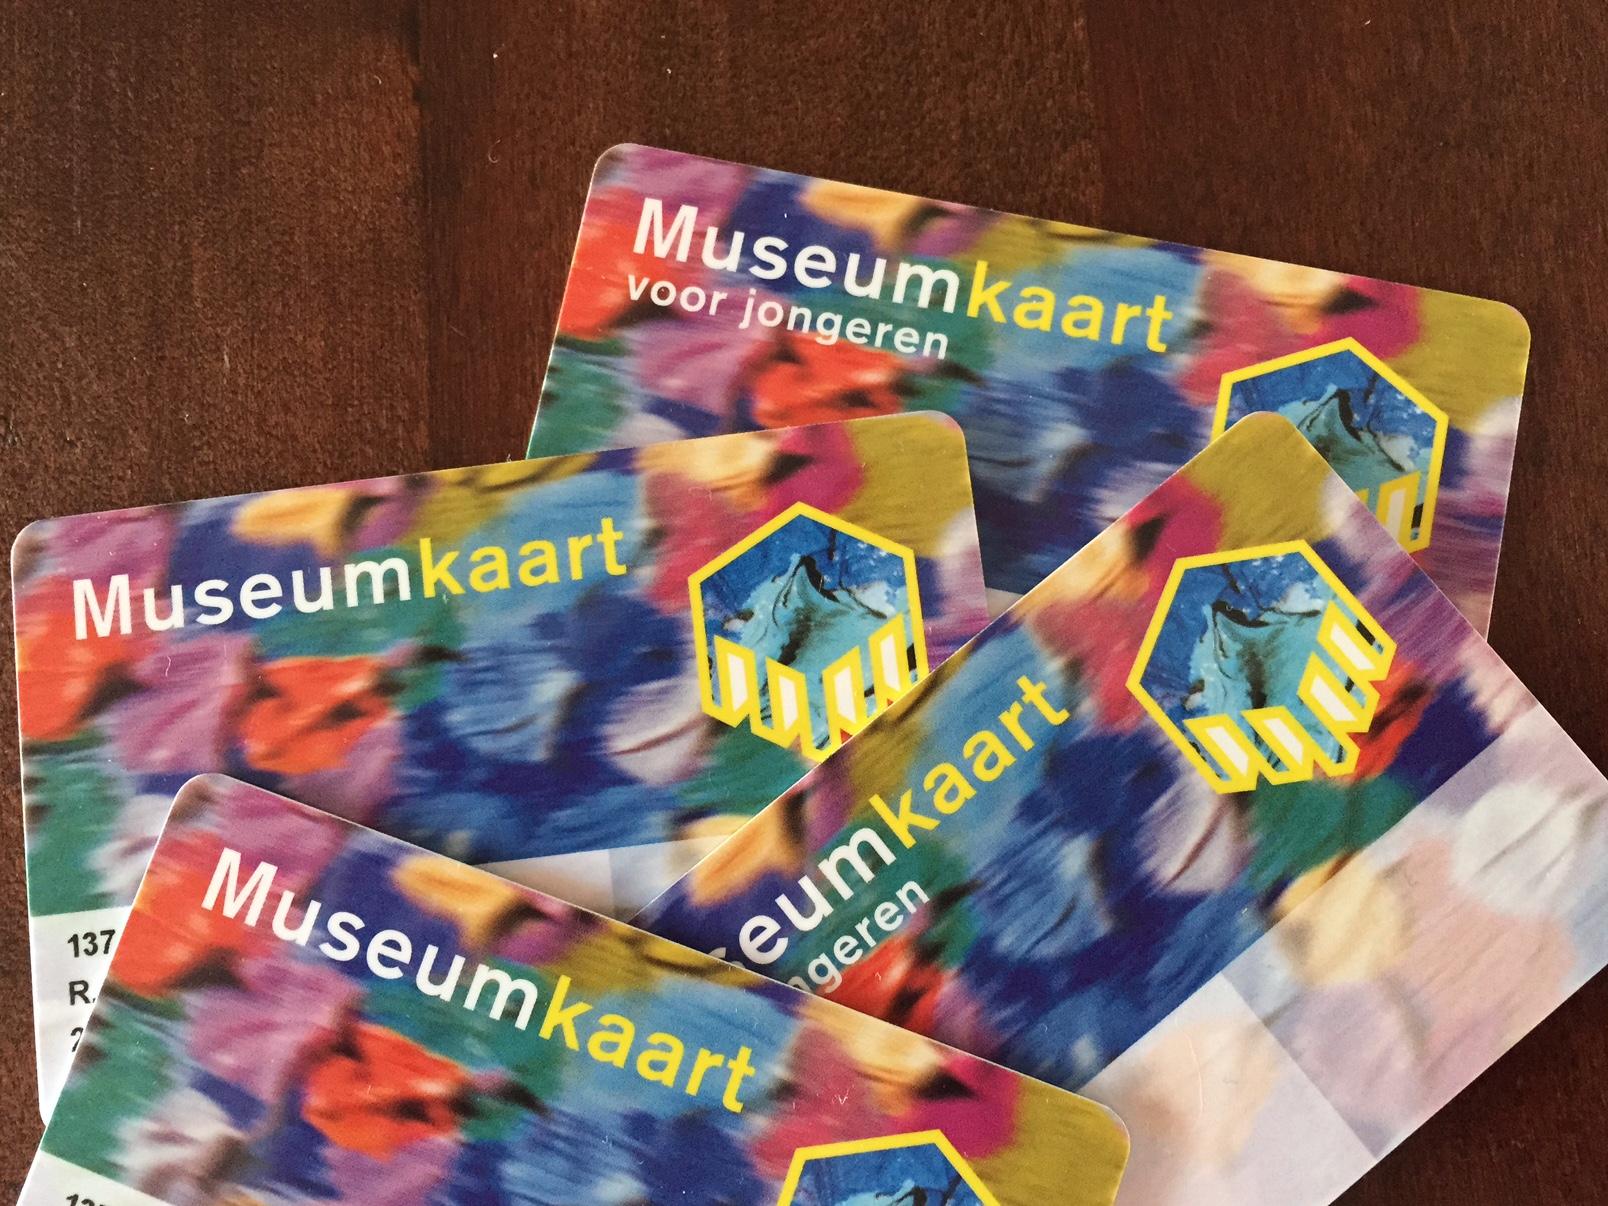 museum jaar kaart Museumjaarkaart: volop mogelijkheden voor foodies   Chefs Friends museum jaar kaart